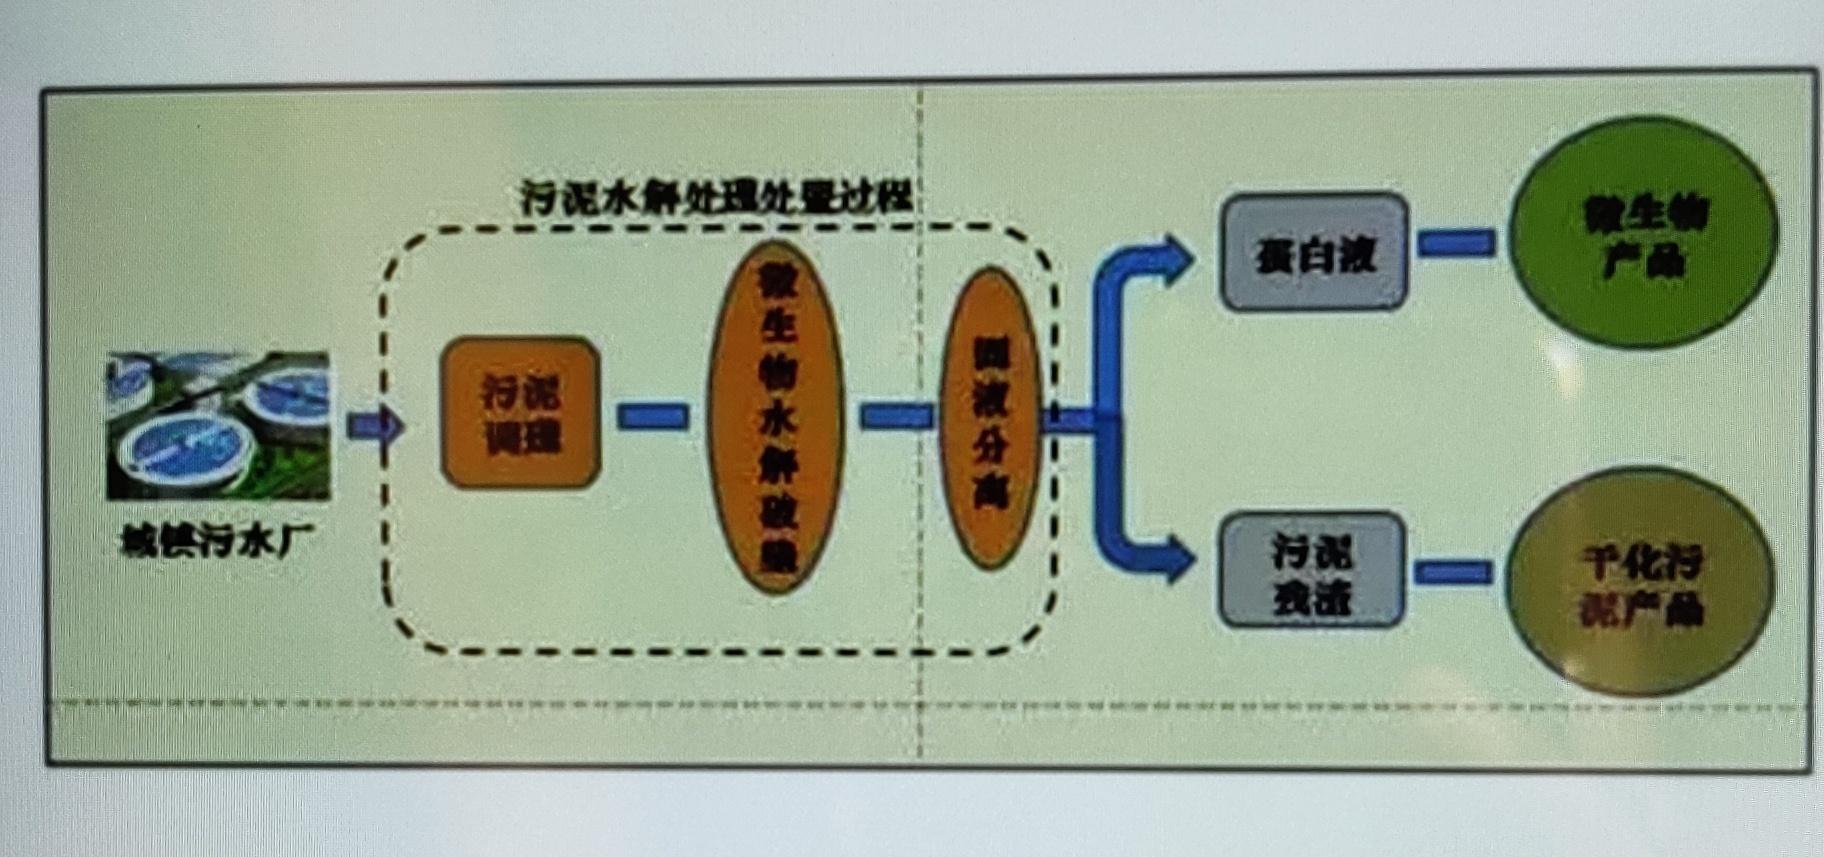 微生物蛋白提取流程图